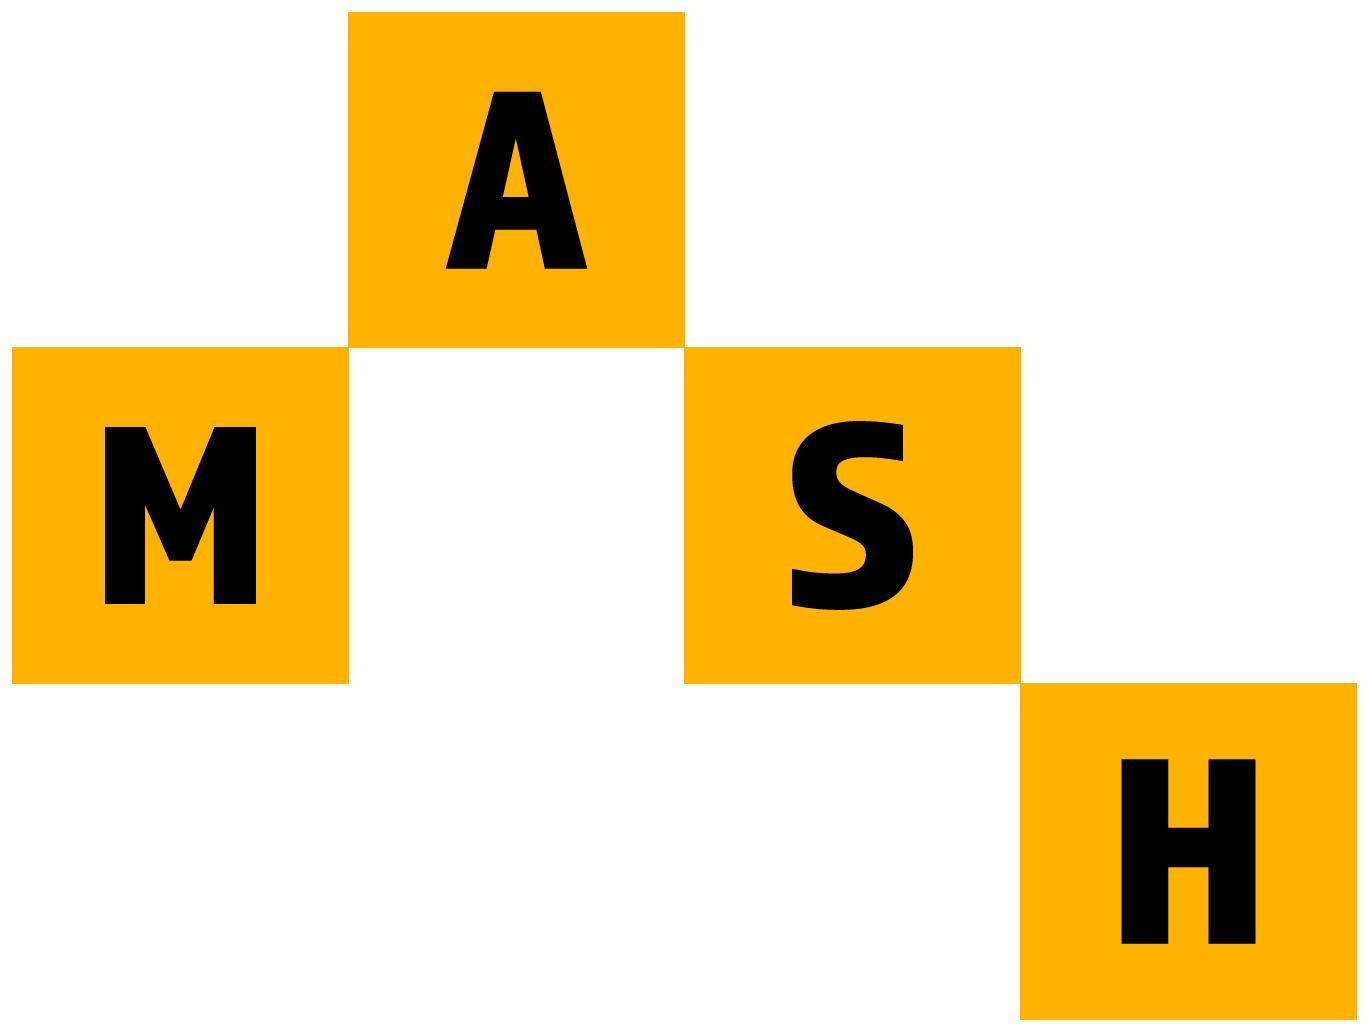 MASH - CREATIVE